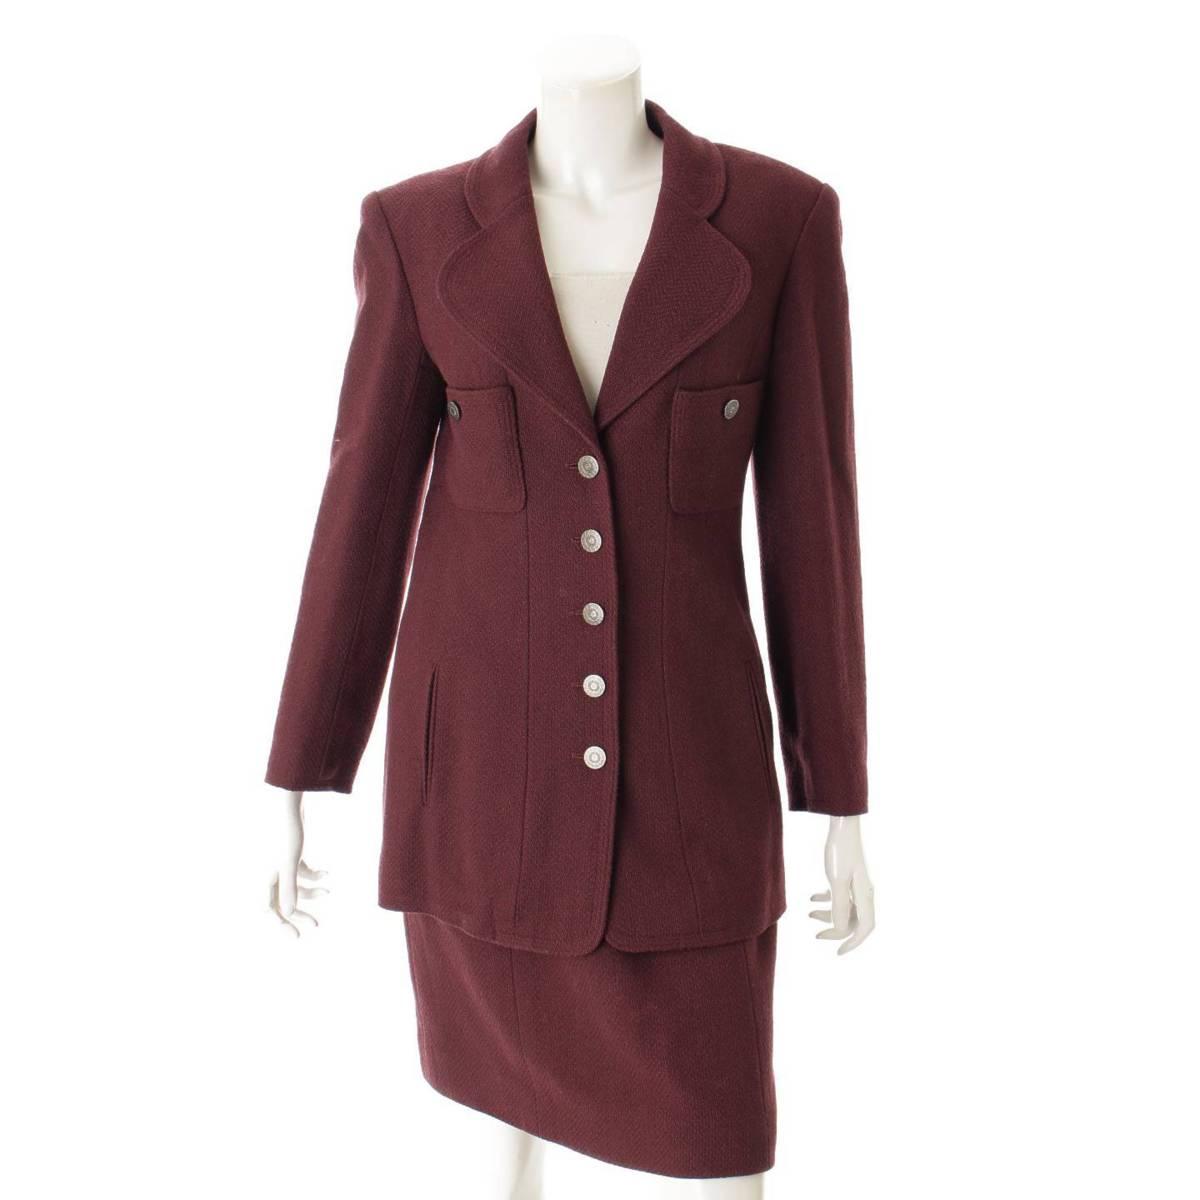 【シャネル】Chanel 97A ココマークボタン ウール ジャケット スカート セットアップ P09138 ワインレッド 40 【中古】【鑑定済・正規品保証】80441